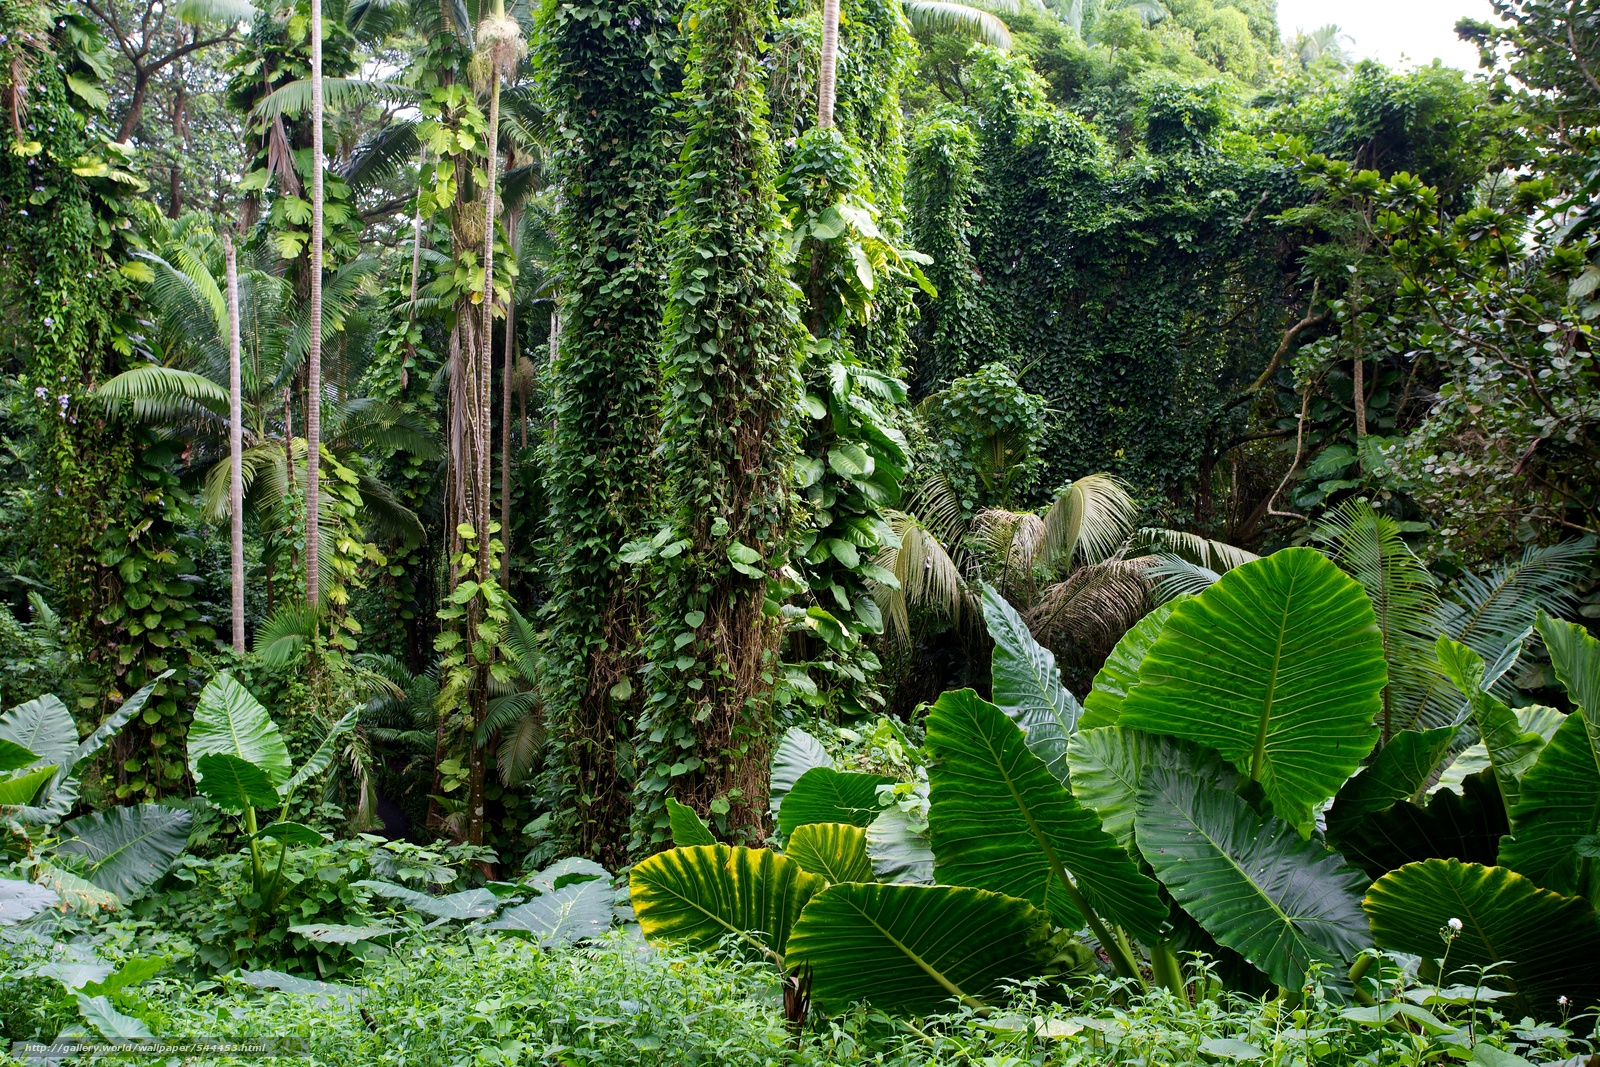 下载壁纸 夏威夷,  热带植物园,  花园 免费为您的桌面分辨率的壁纸 5760x3840 — 图片 №544453